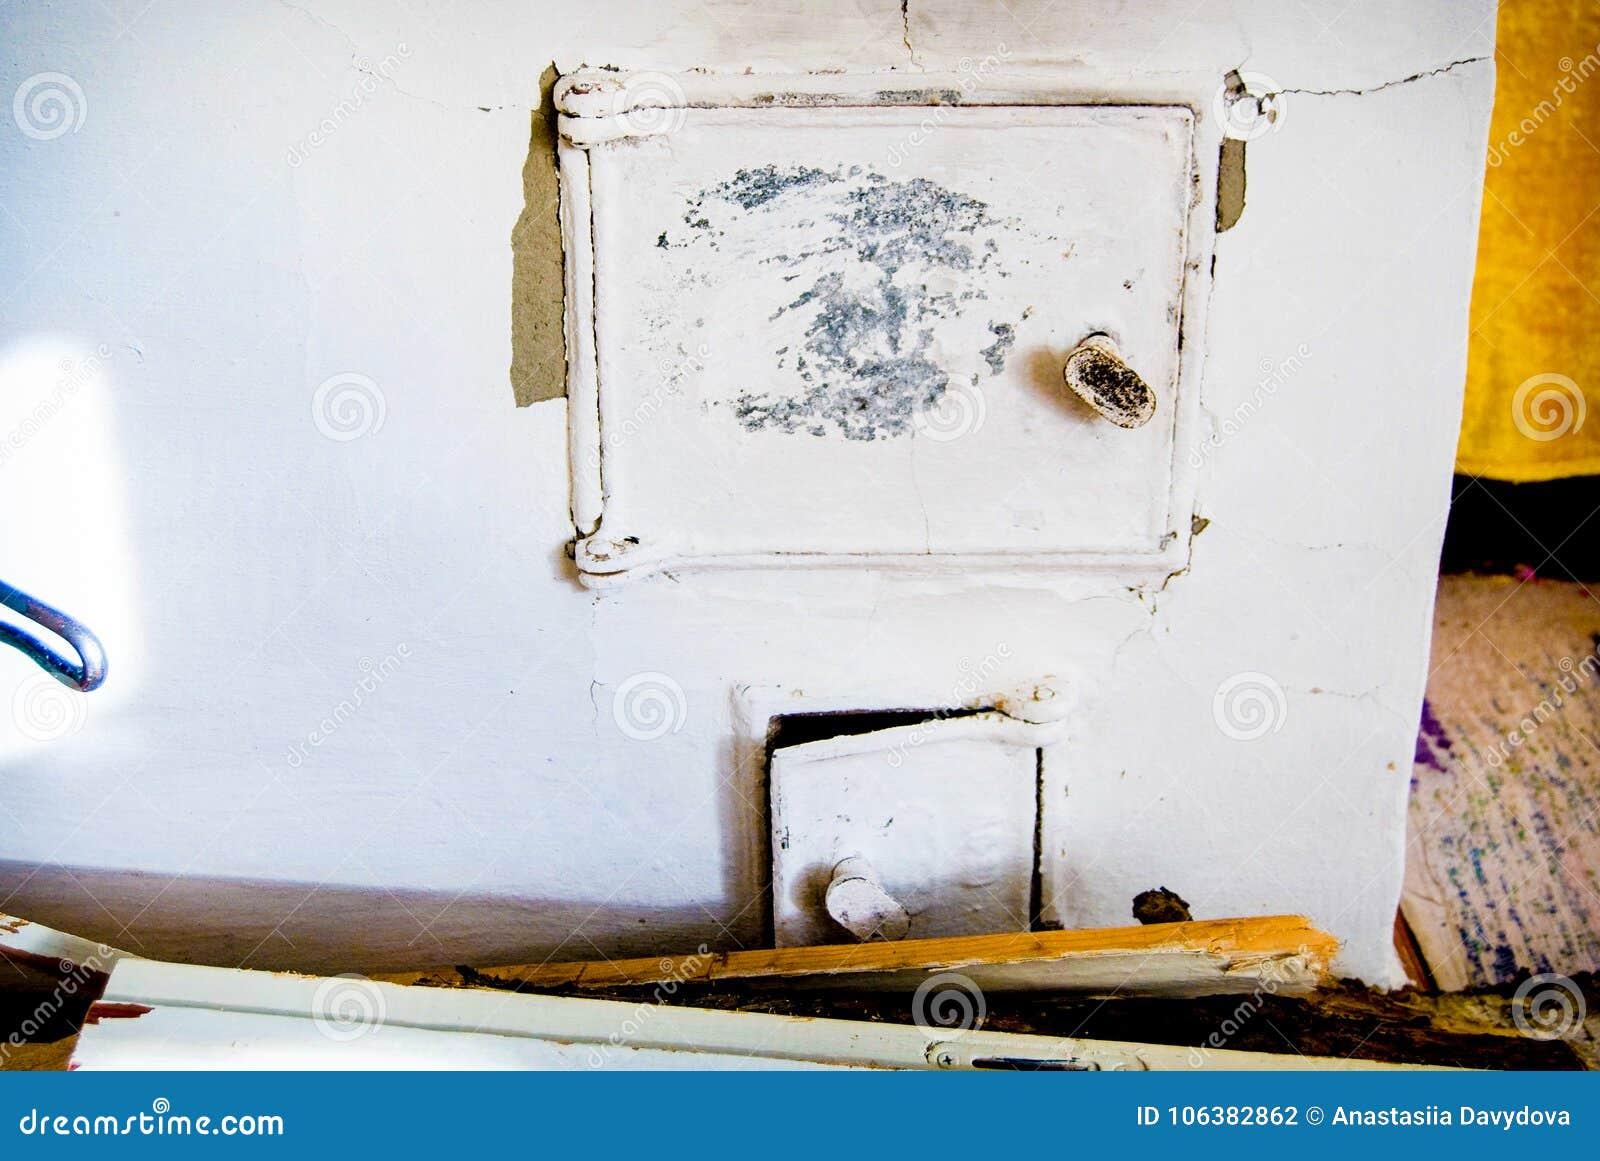 Repassez La Porte Pour Le Fourneau Russe Traditionnel Cheminee